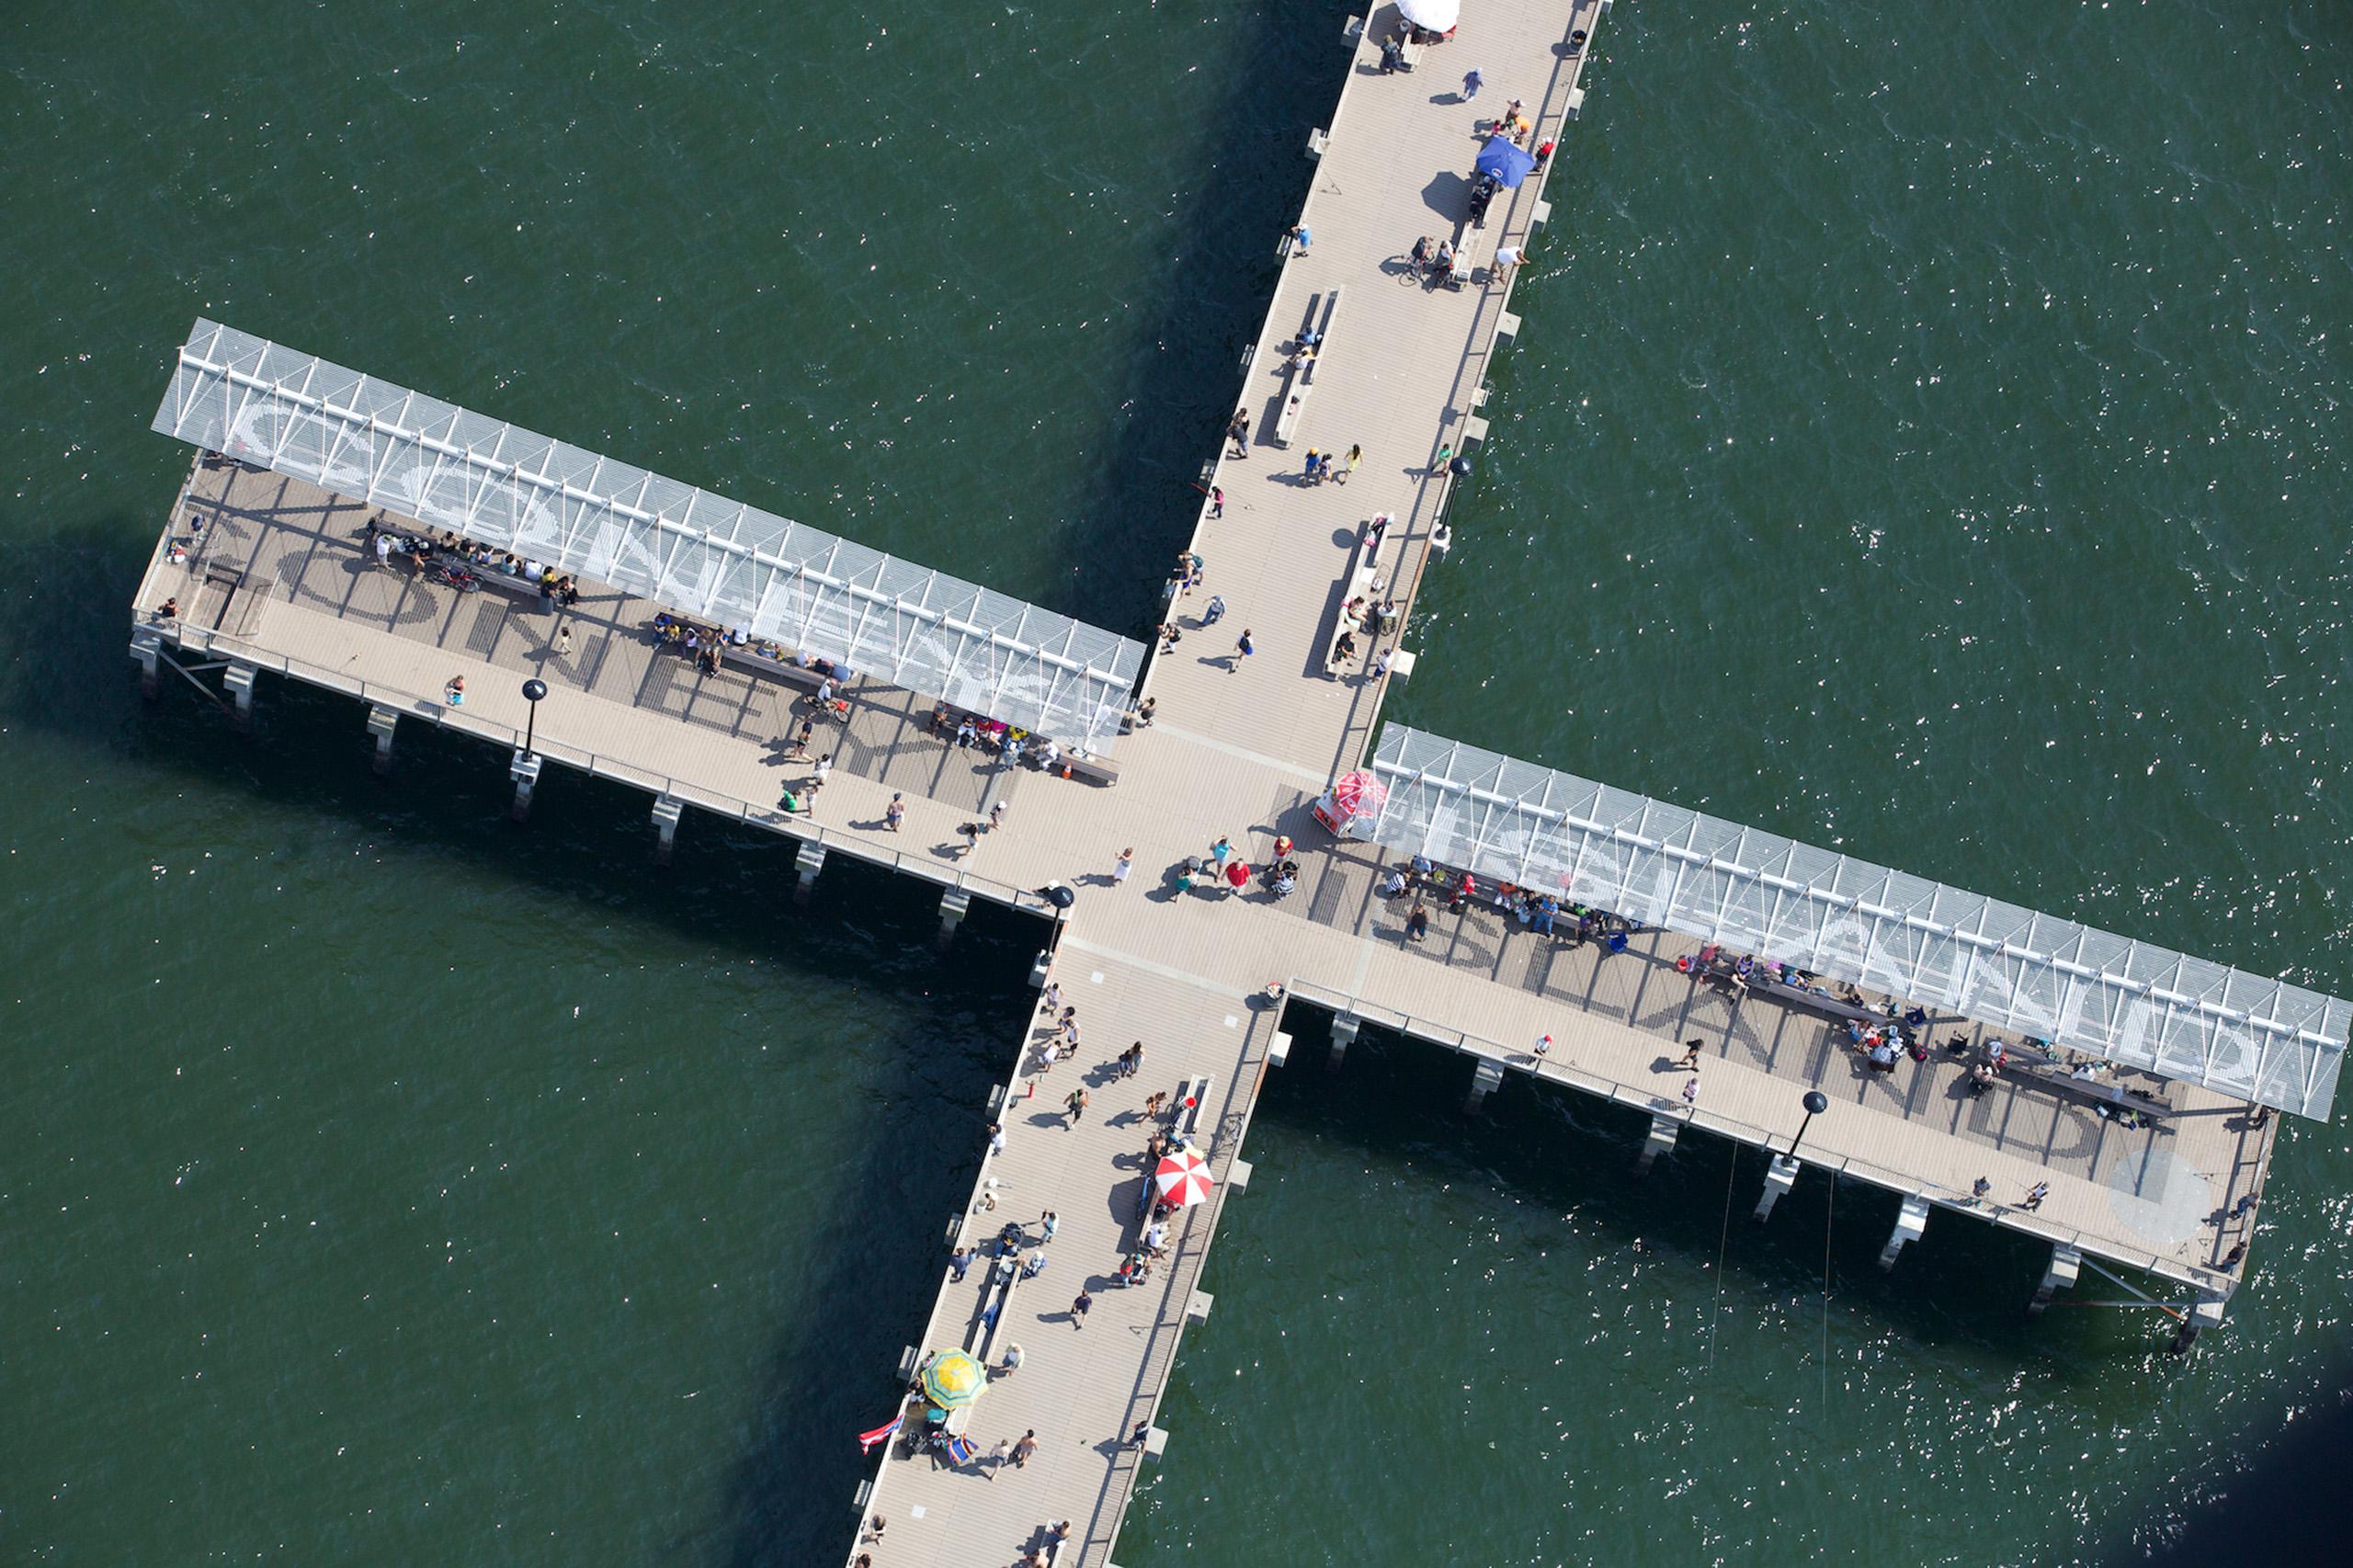 New Boardwalk, Coney Island, Brooklyn.